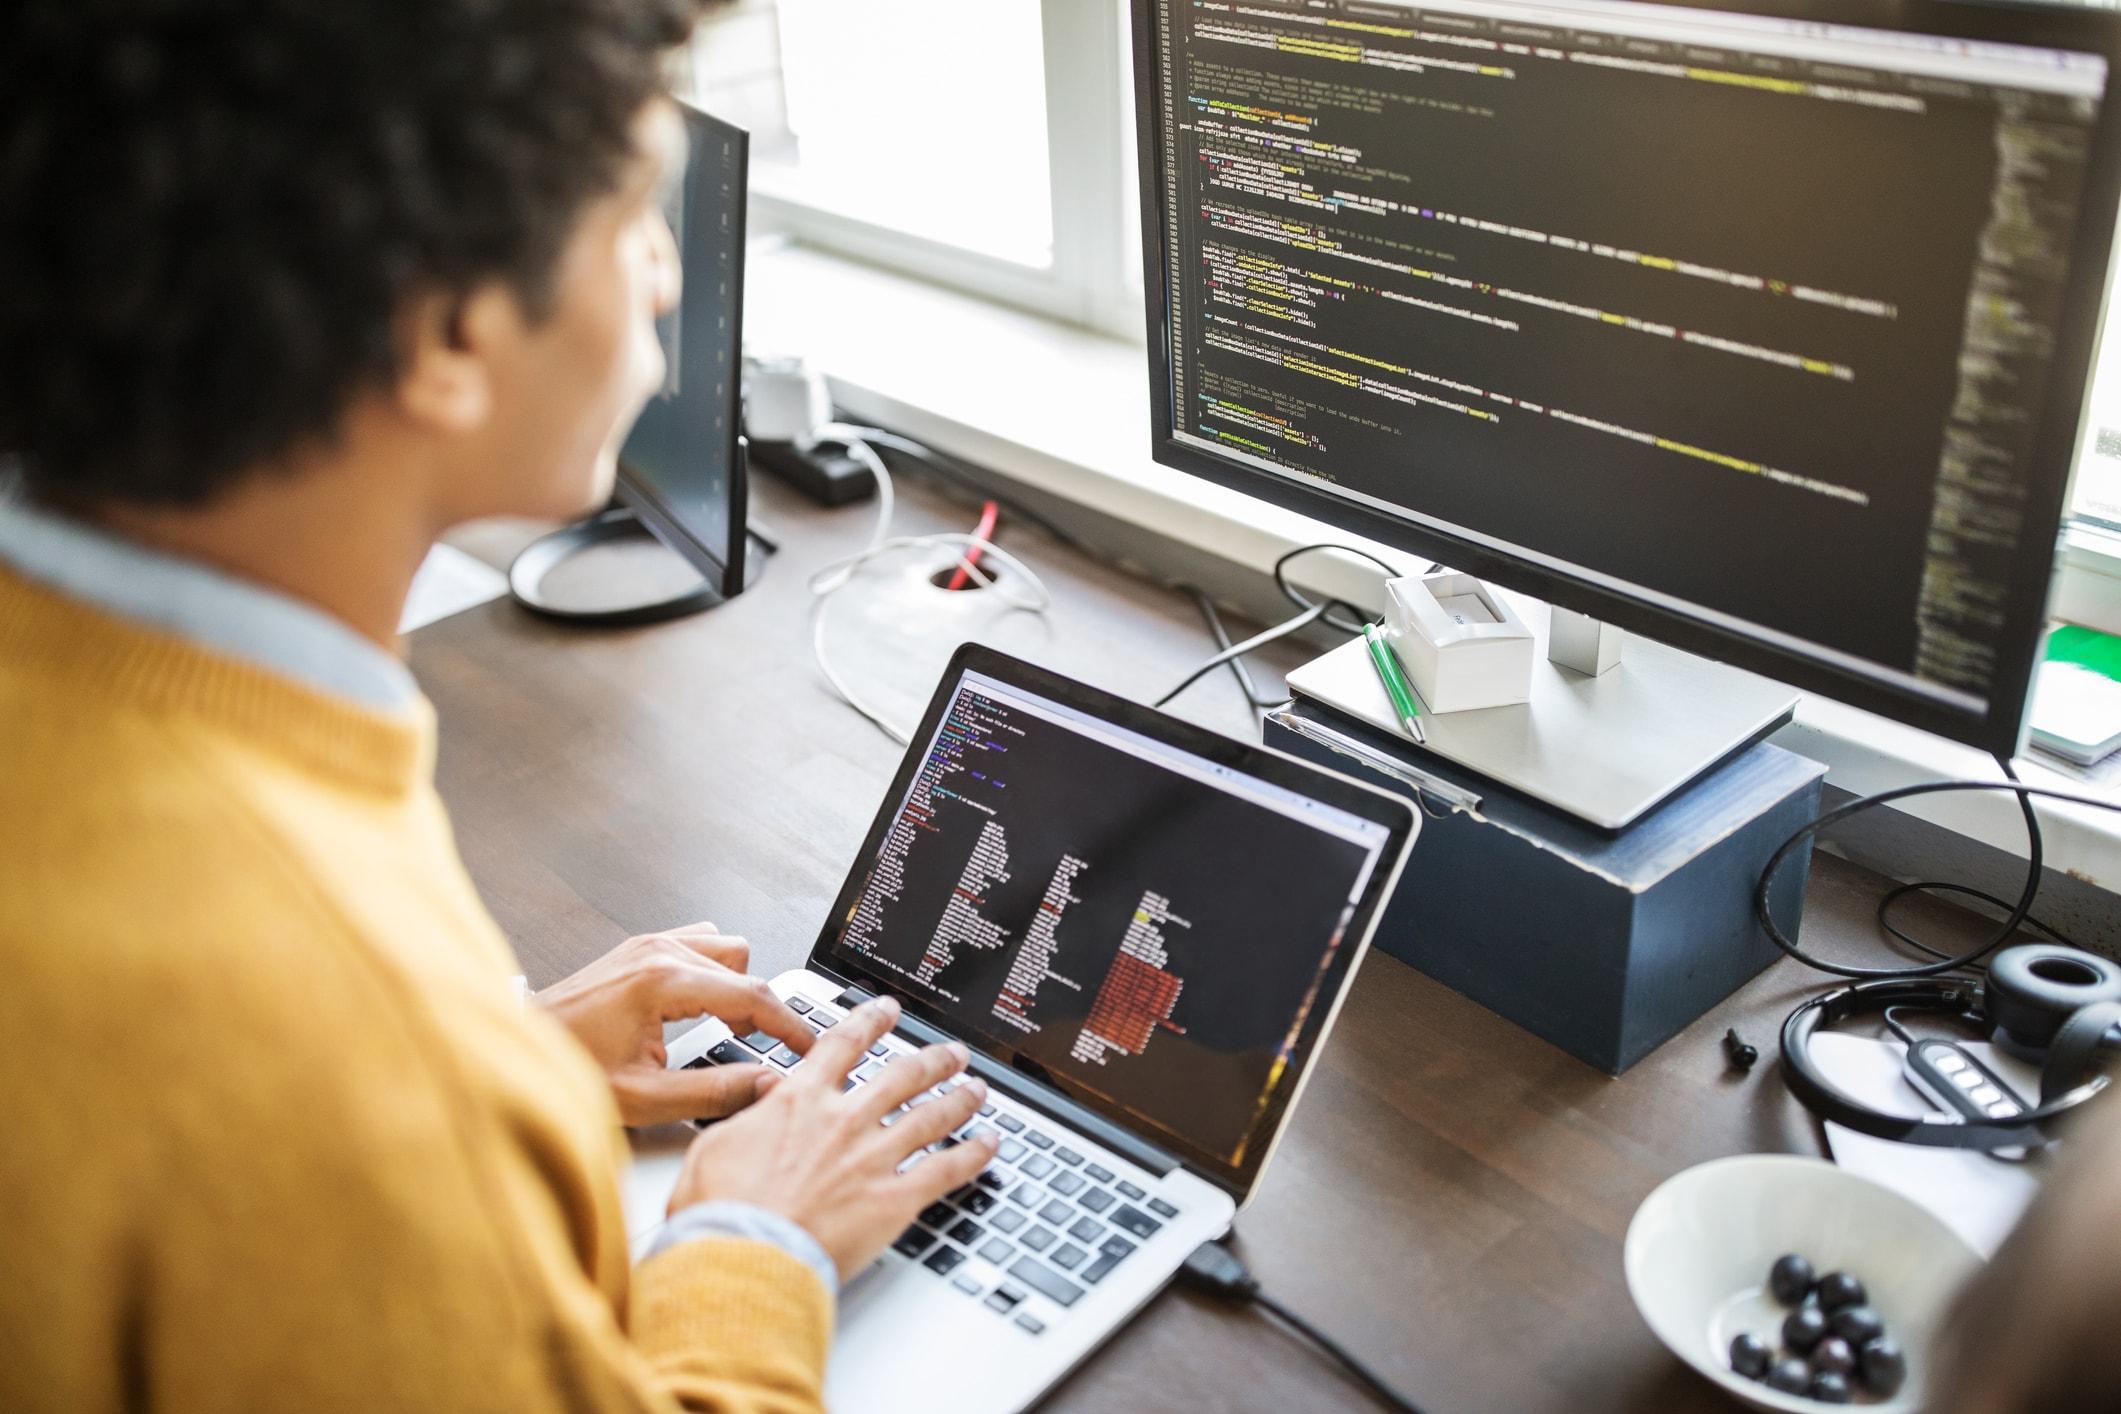 Como minimizar os erros na entrega de software? Entenda mais